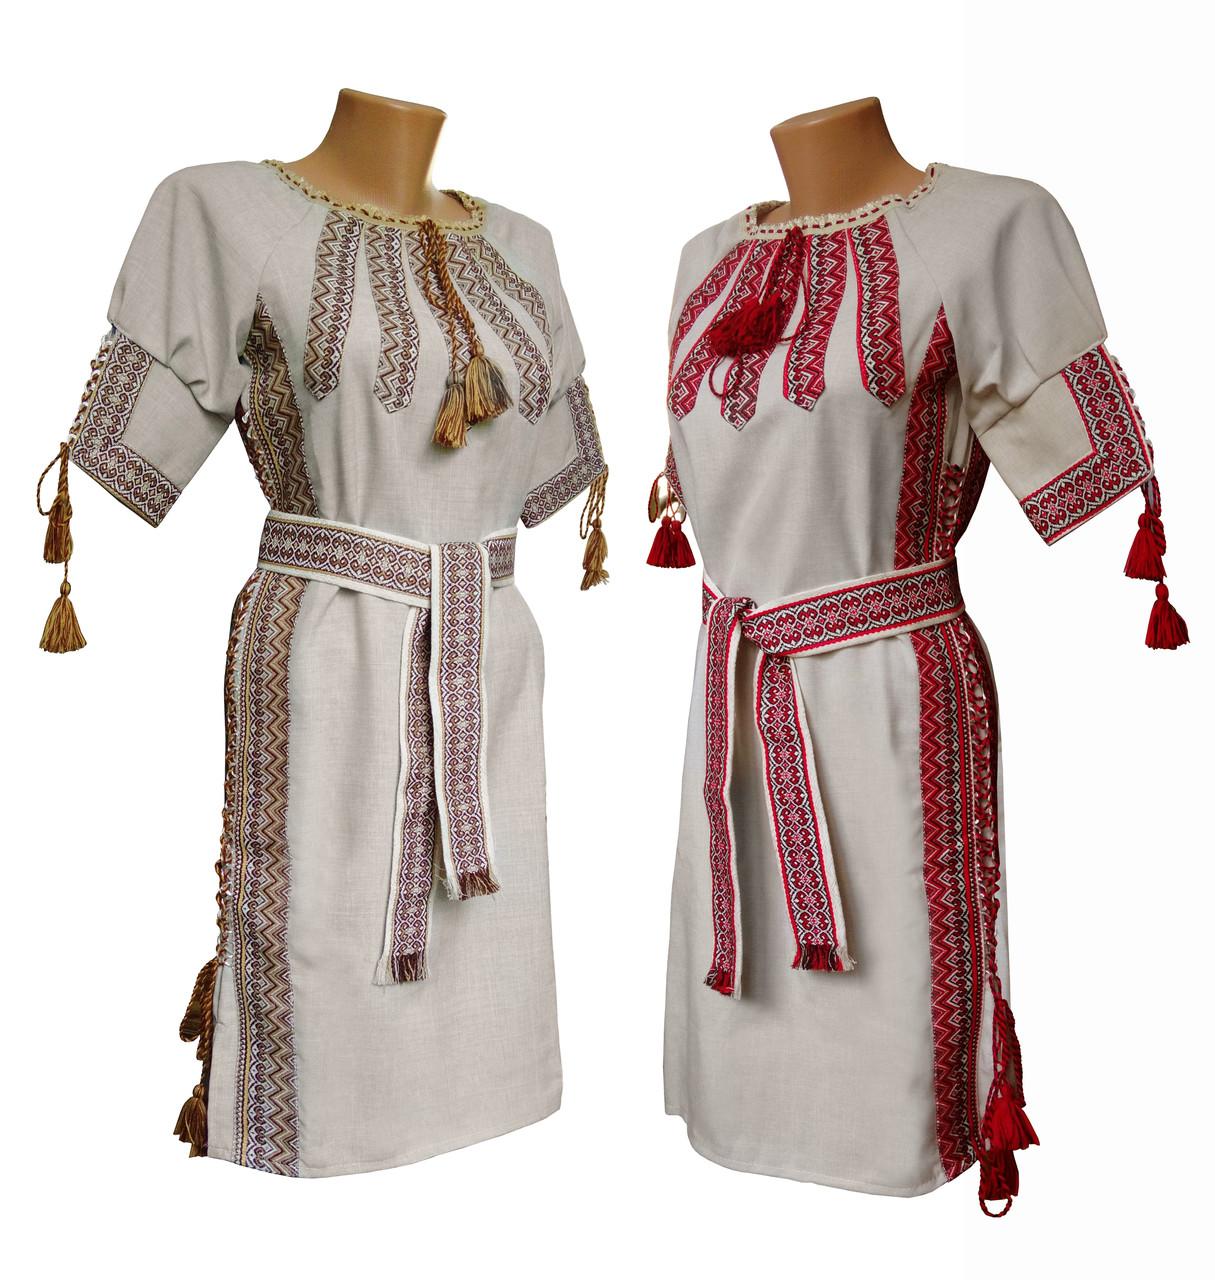 Українська жіноча вишита сукня із поясом середньої довжини та коротким рукавом